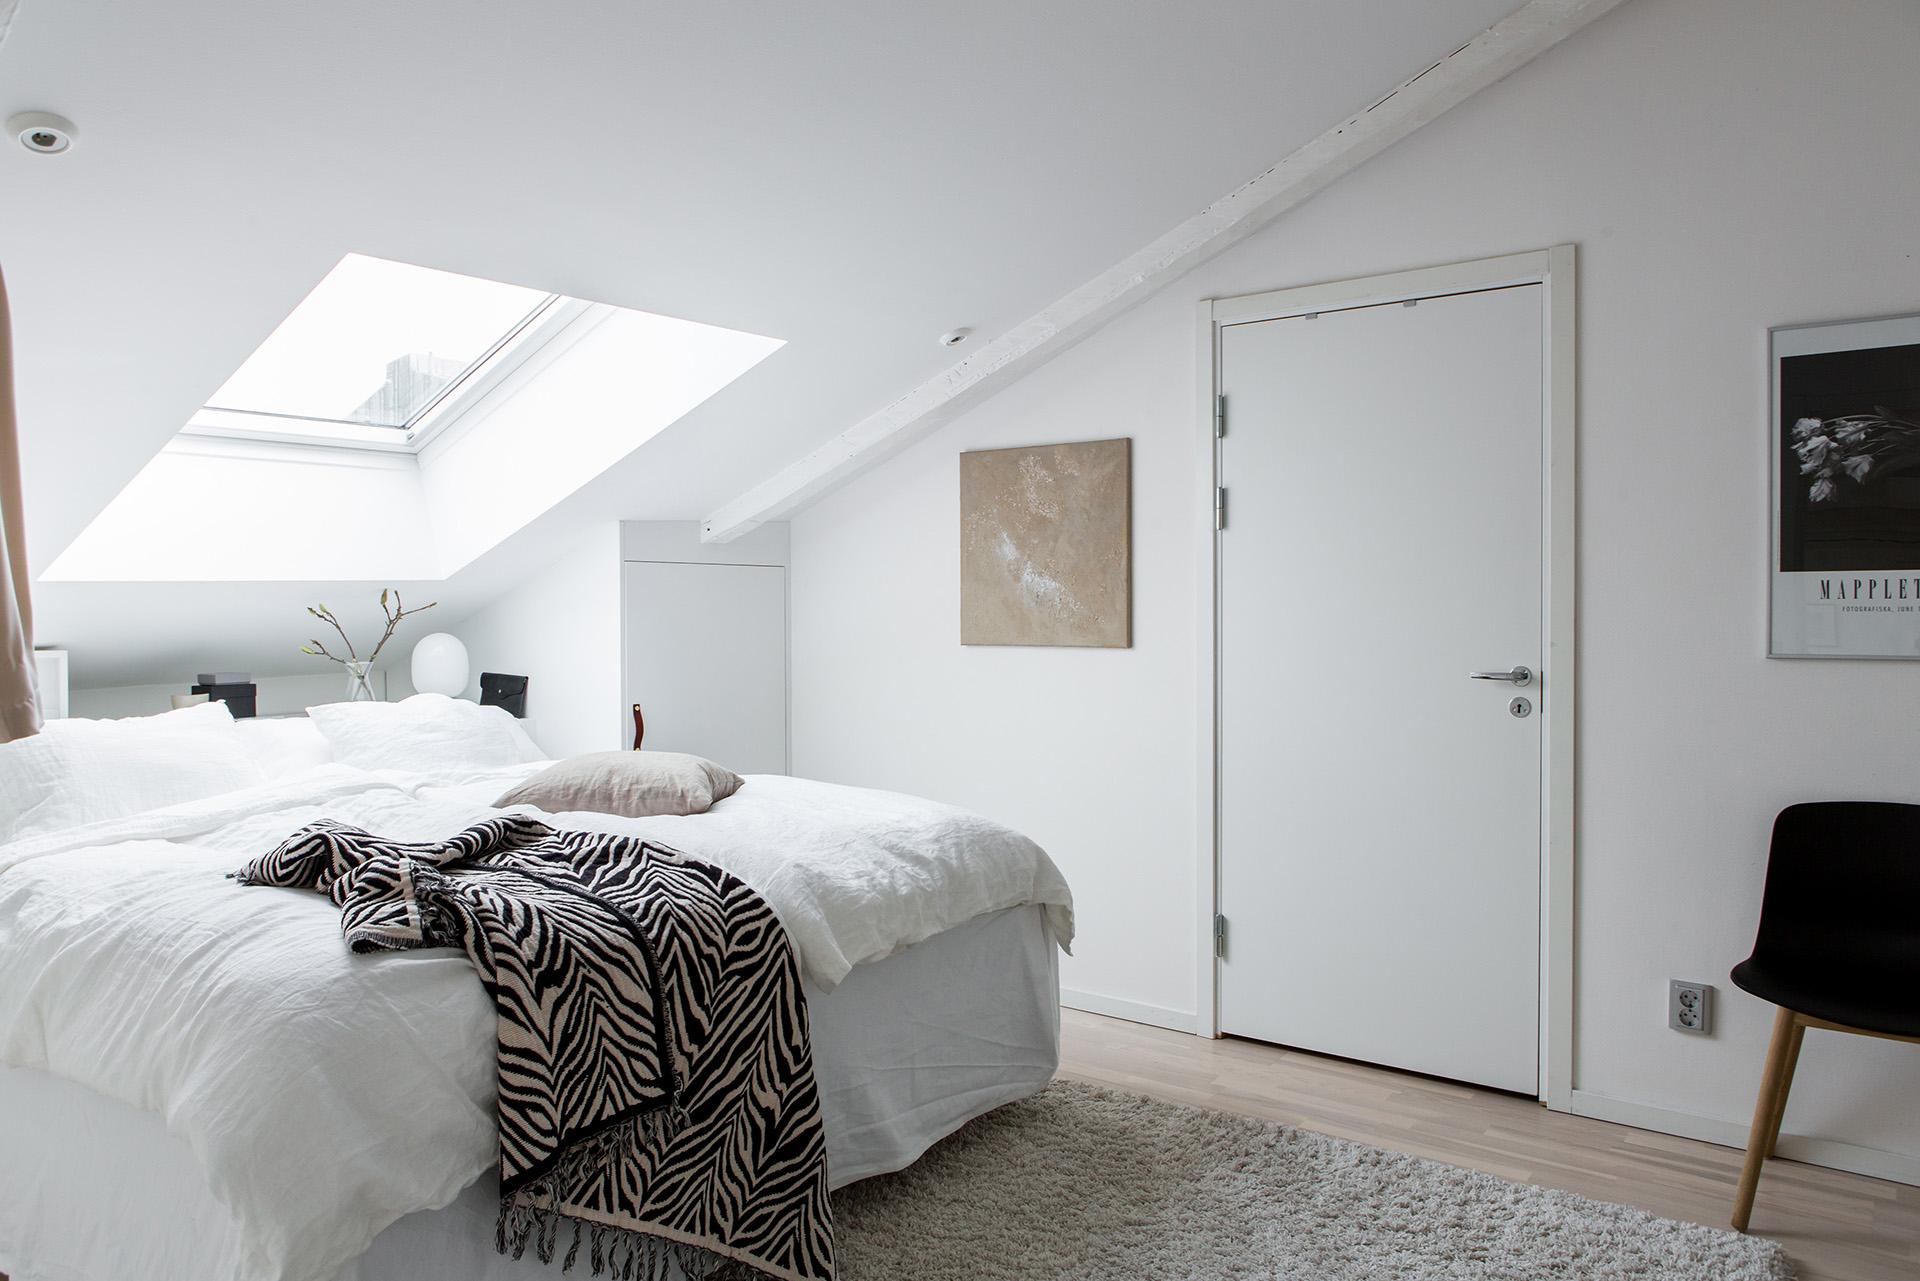 Come arredare una camera da letto in mansarda - Arredare una camera ...